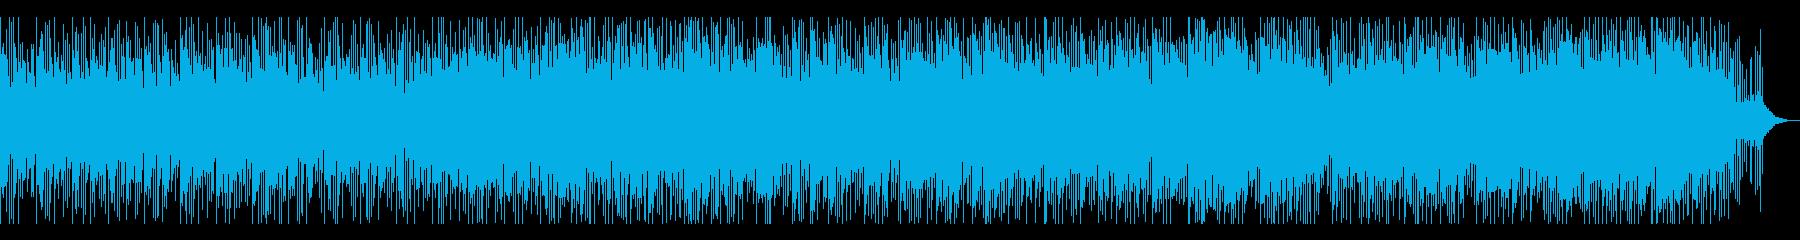 優しさと愛情をイメージしたピアノBGMの再生済みの波形